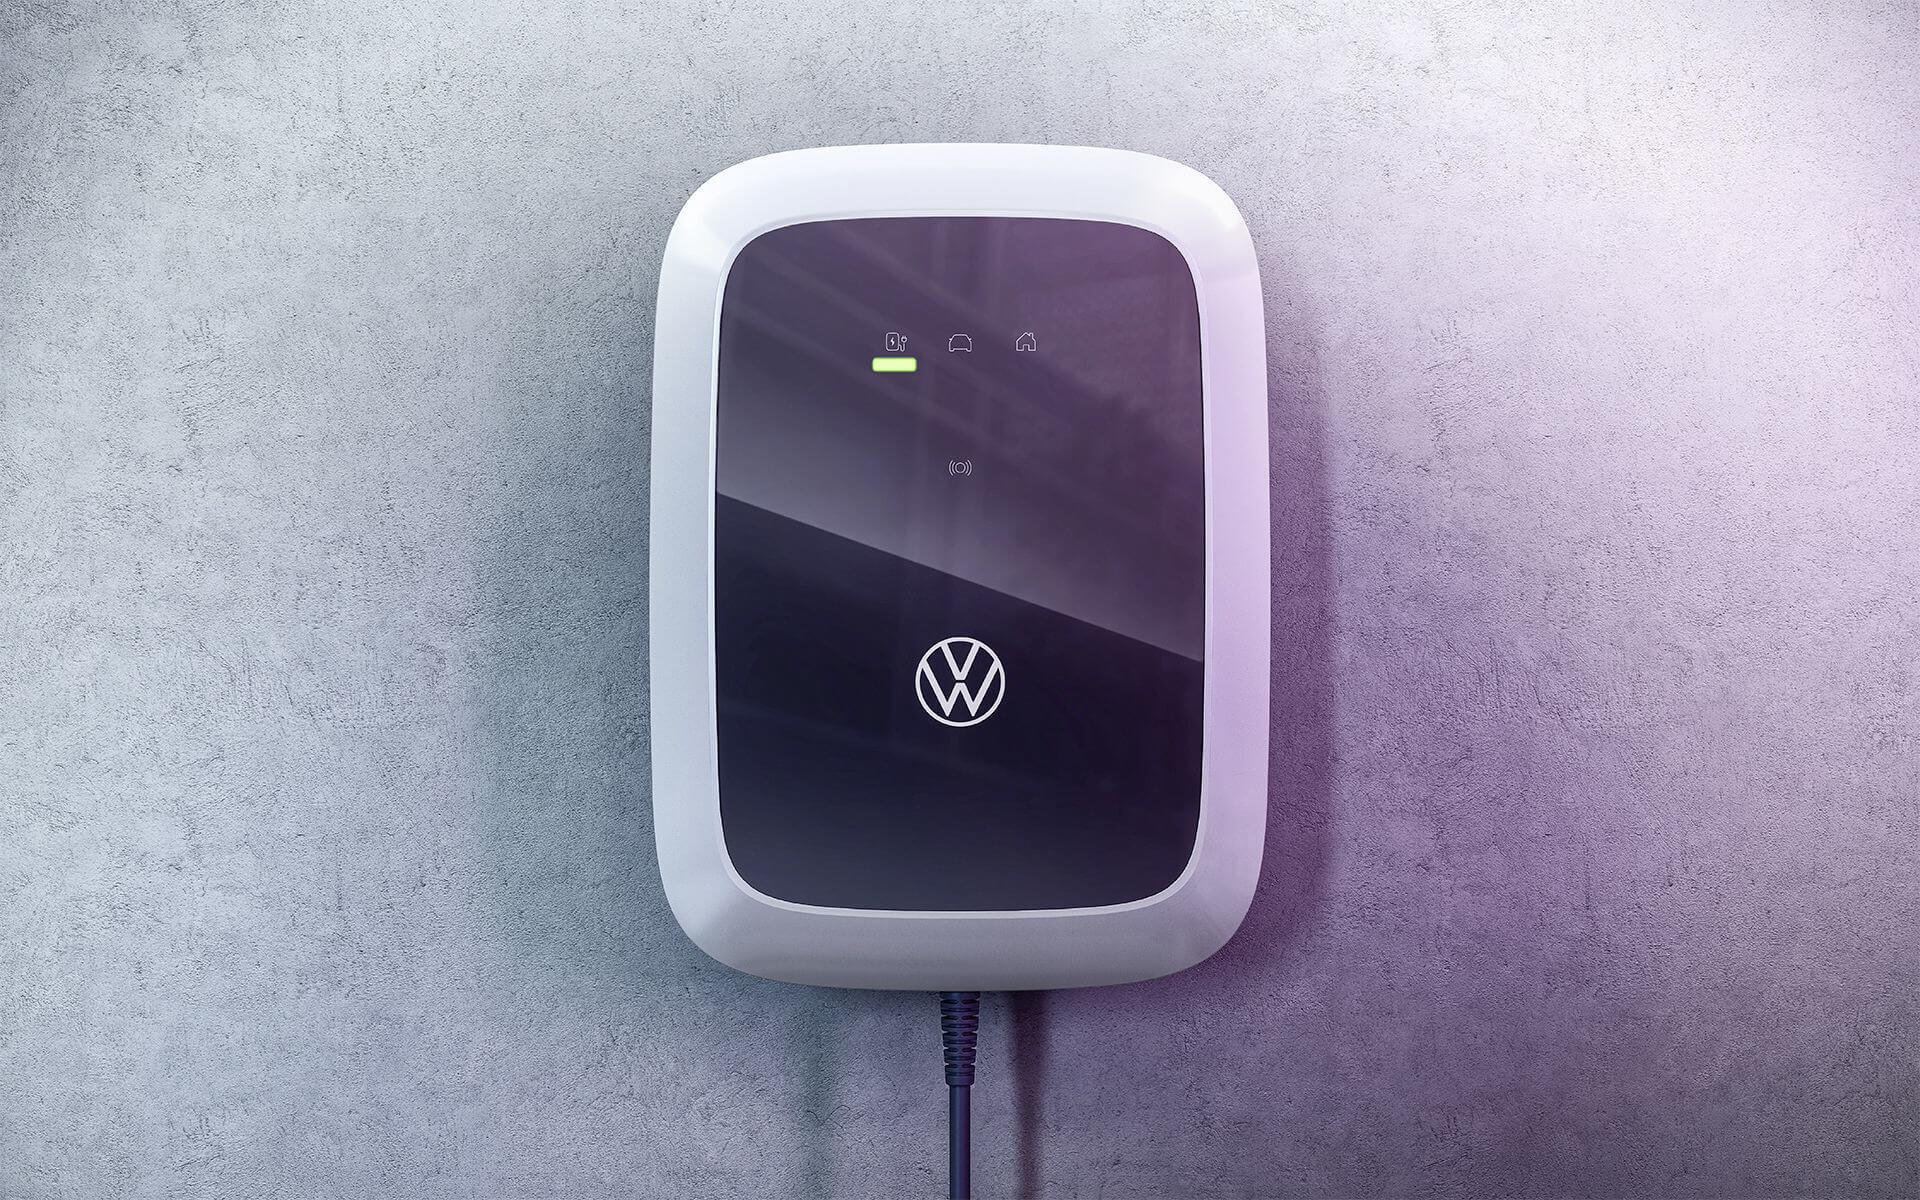 Volkswagen выпустил собственное зарядное устройство ID. Charger